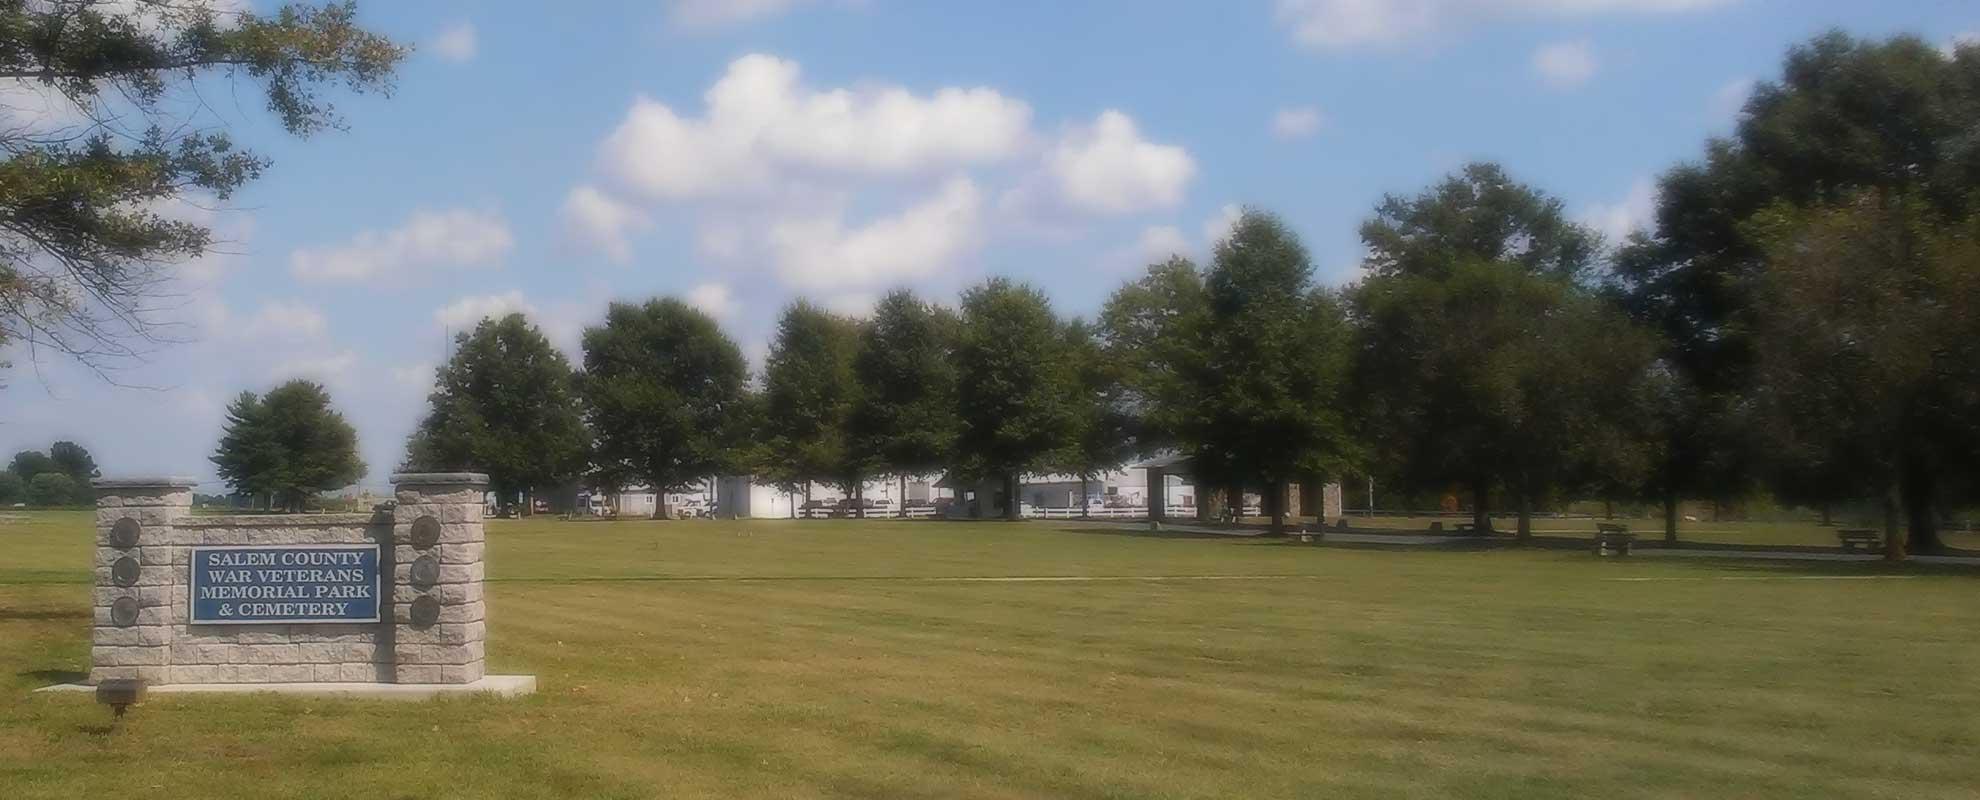 vet mem hero - Veterans Memorial Cemetery